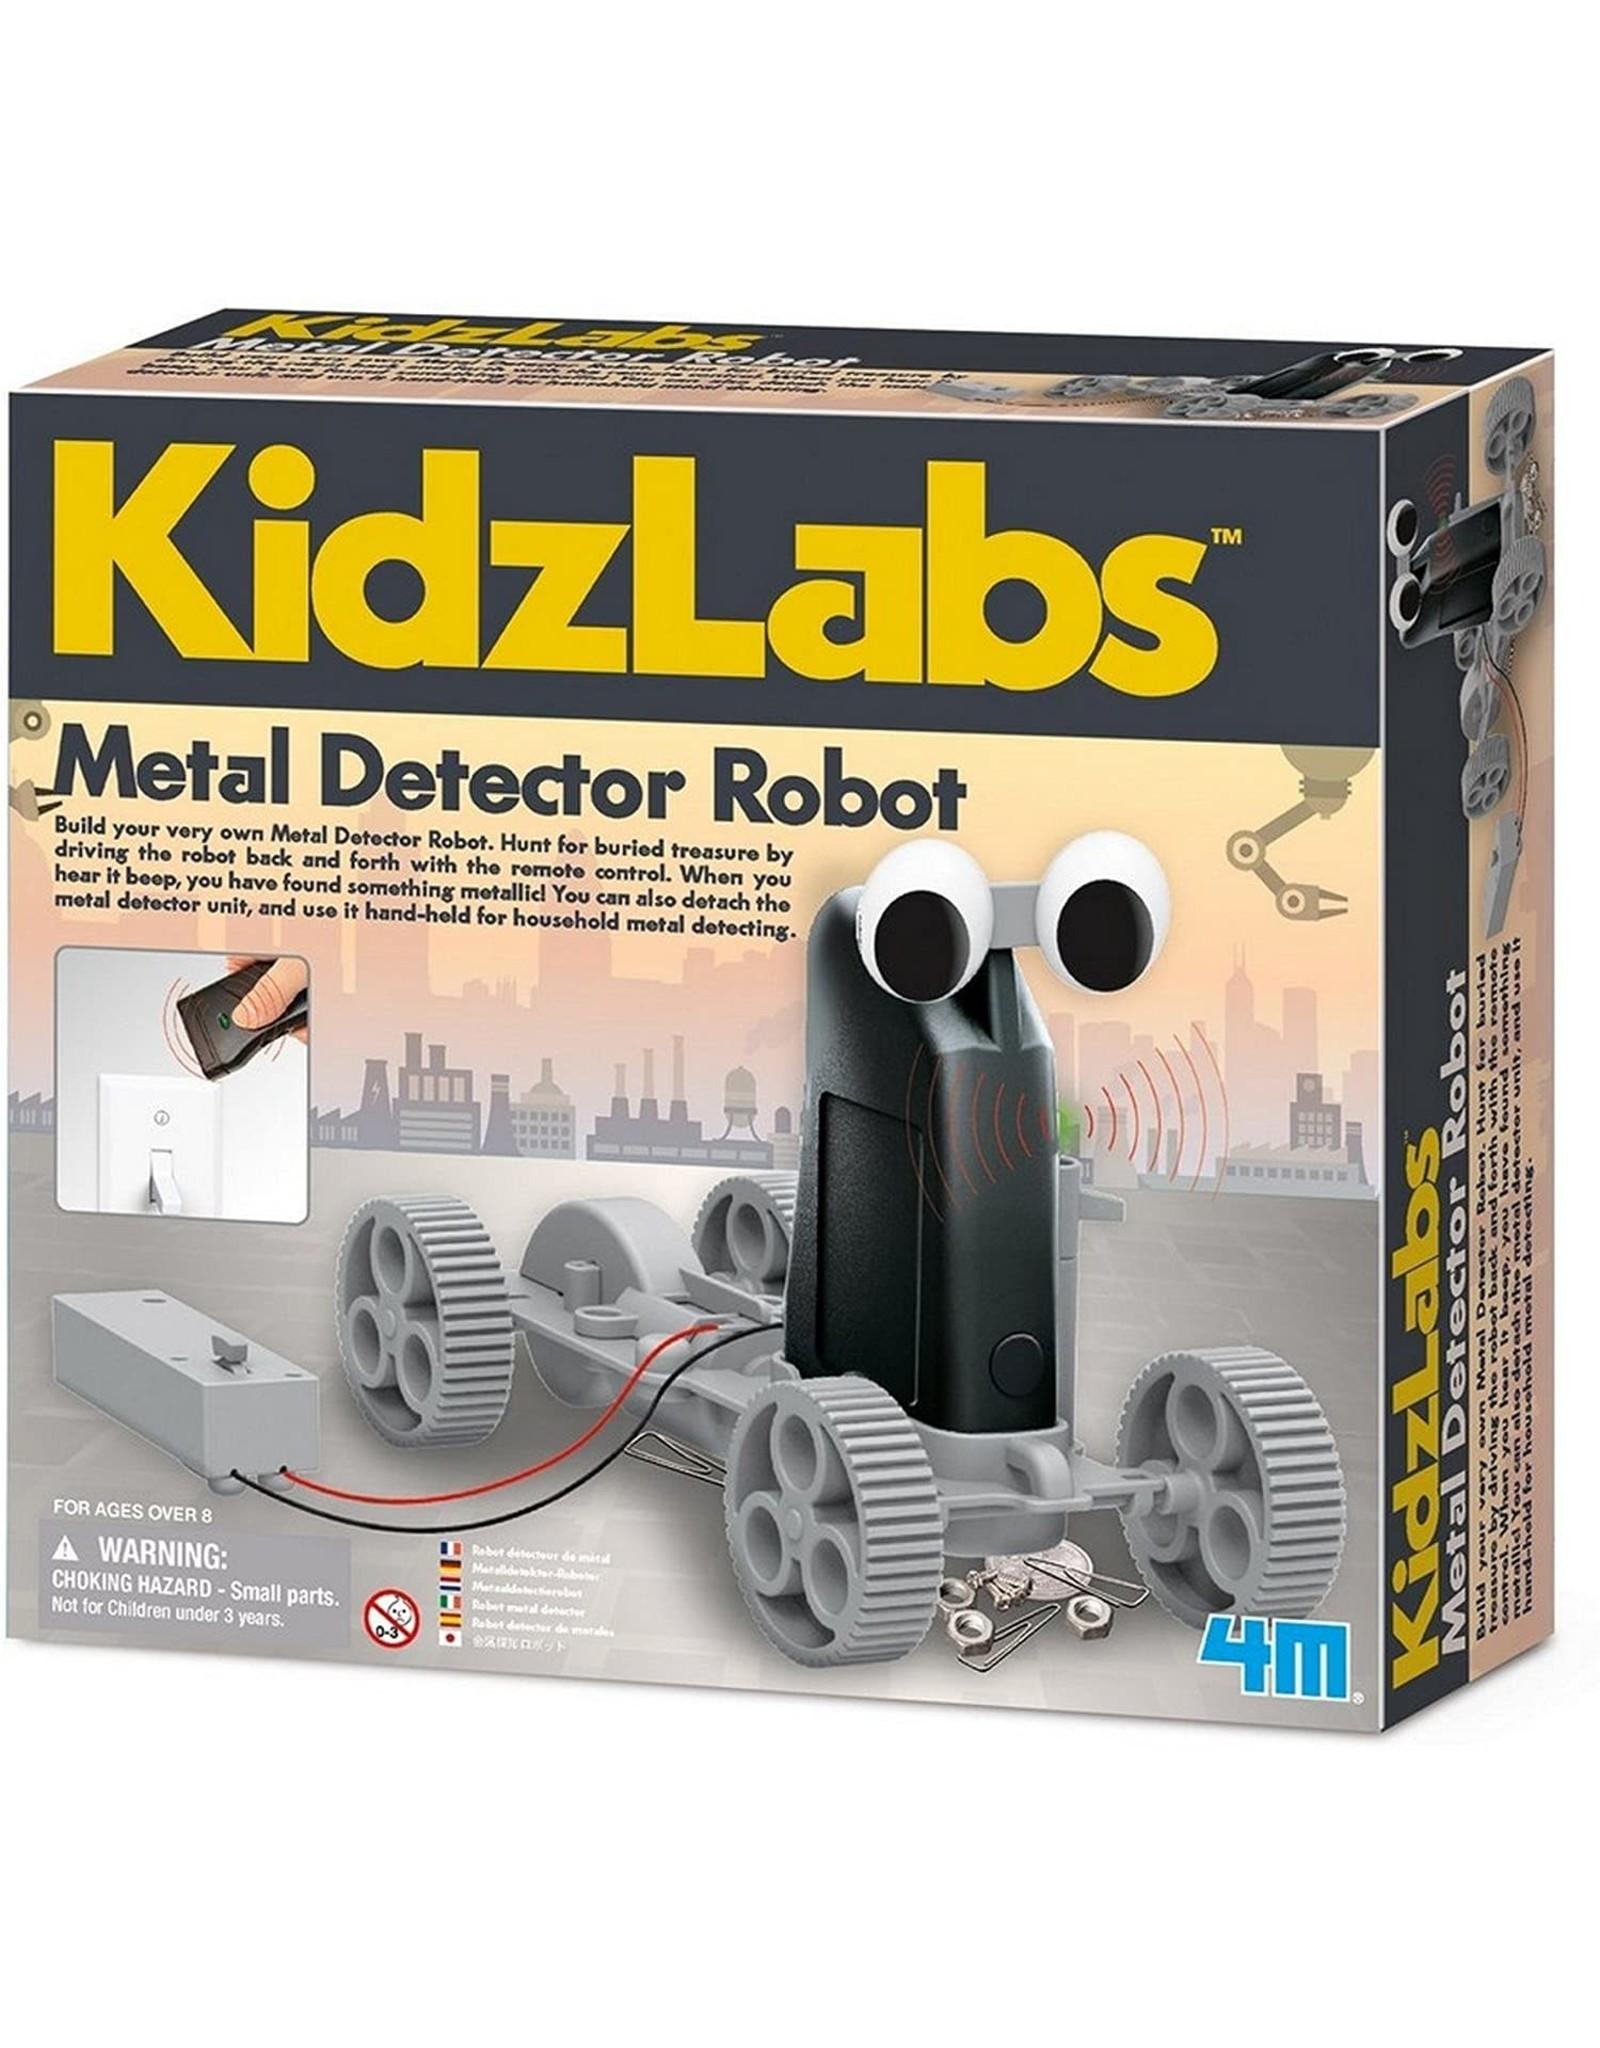 4M Metal Detector Robot